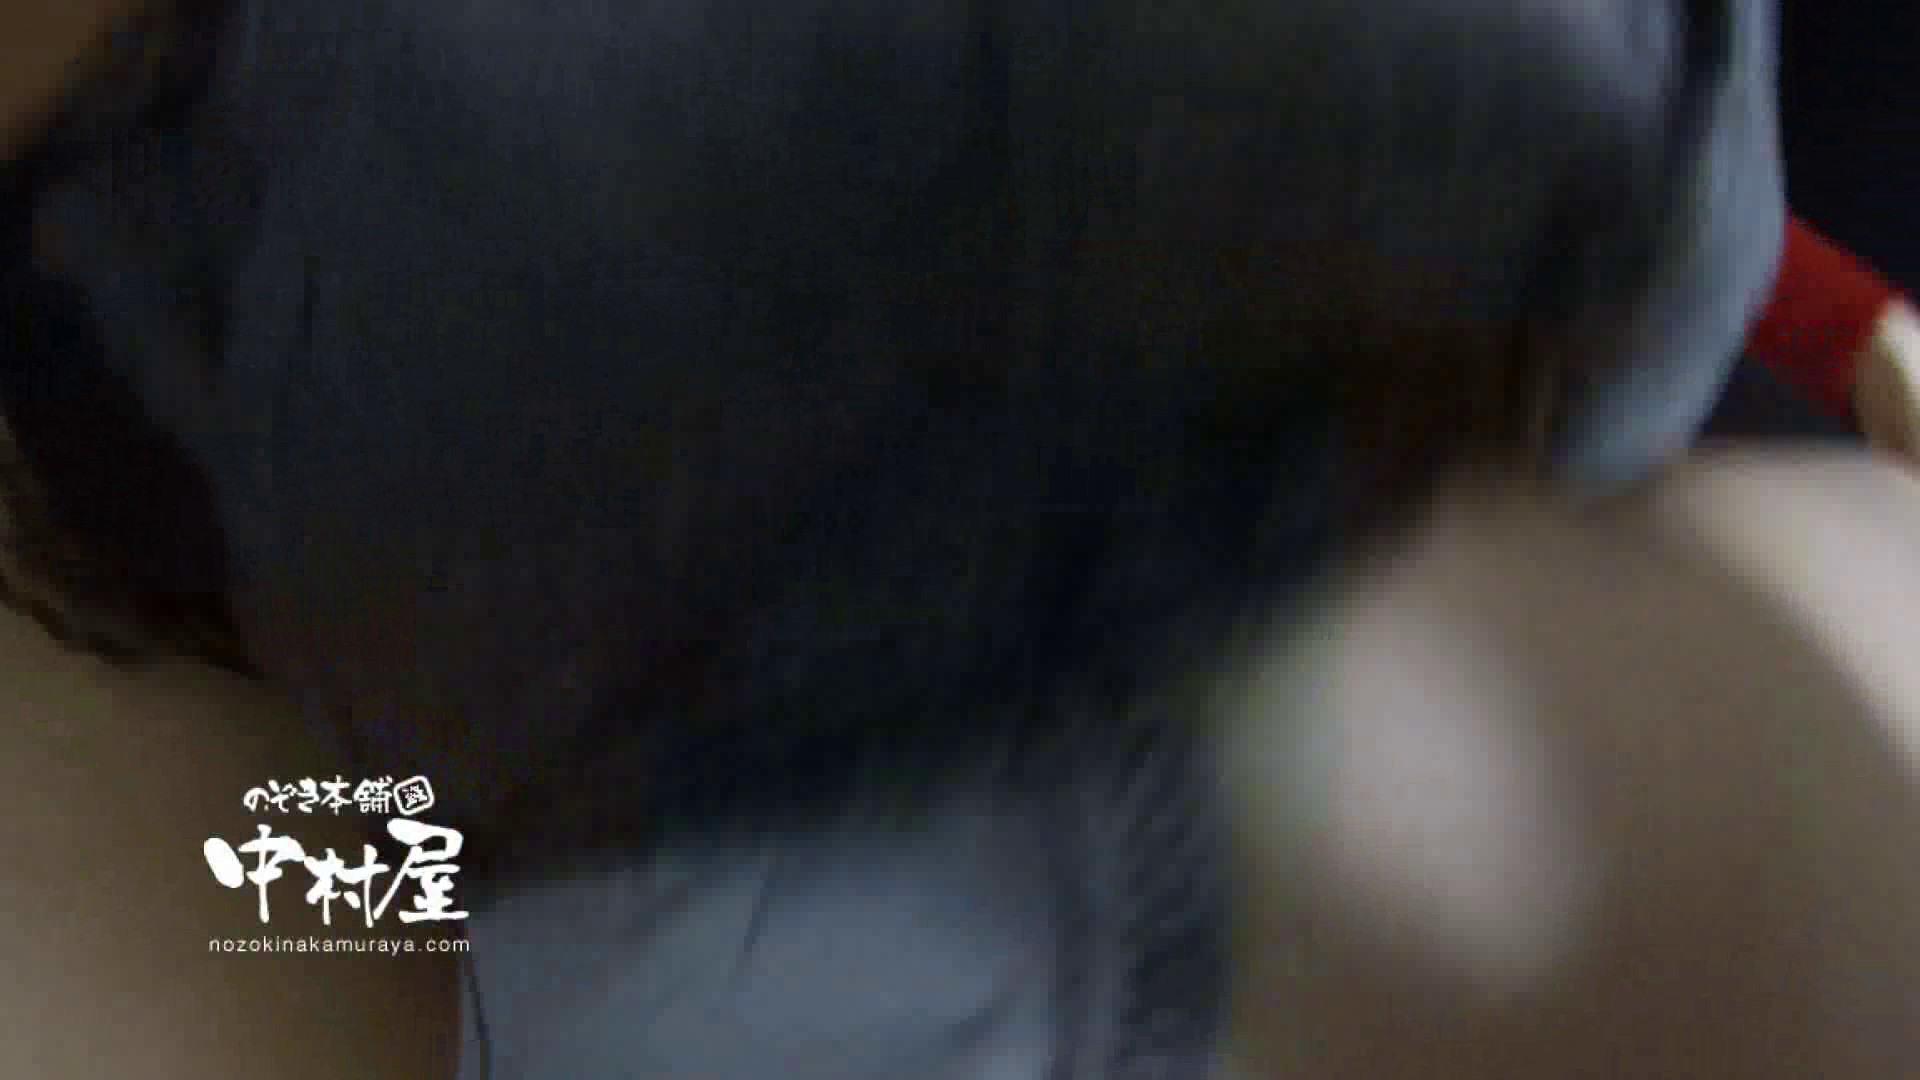 鬼畜 vol.13 もうなすがママ→結果クリームパイ 後編 0  28連発 12